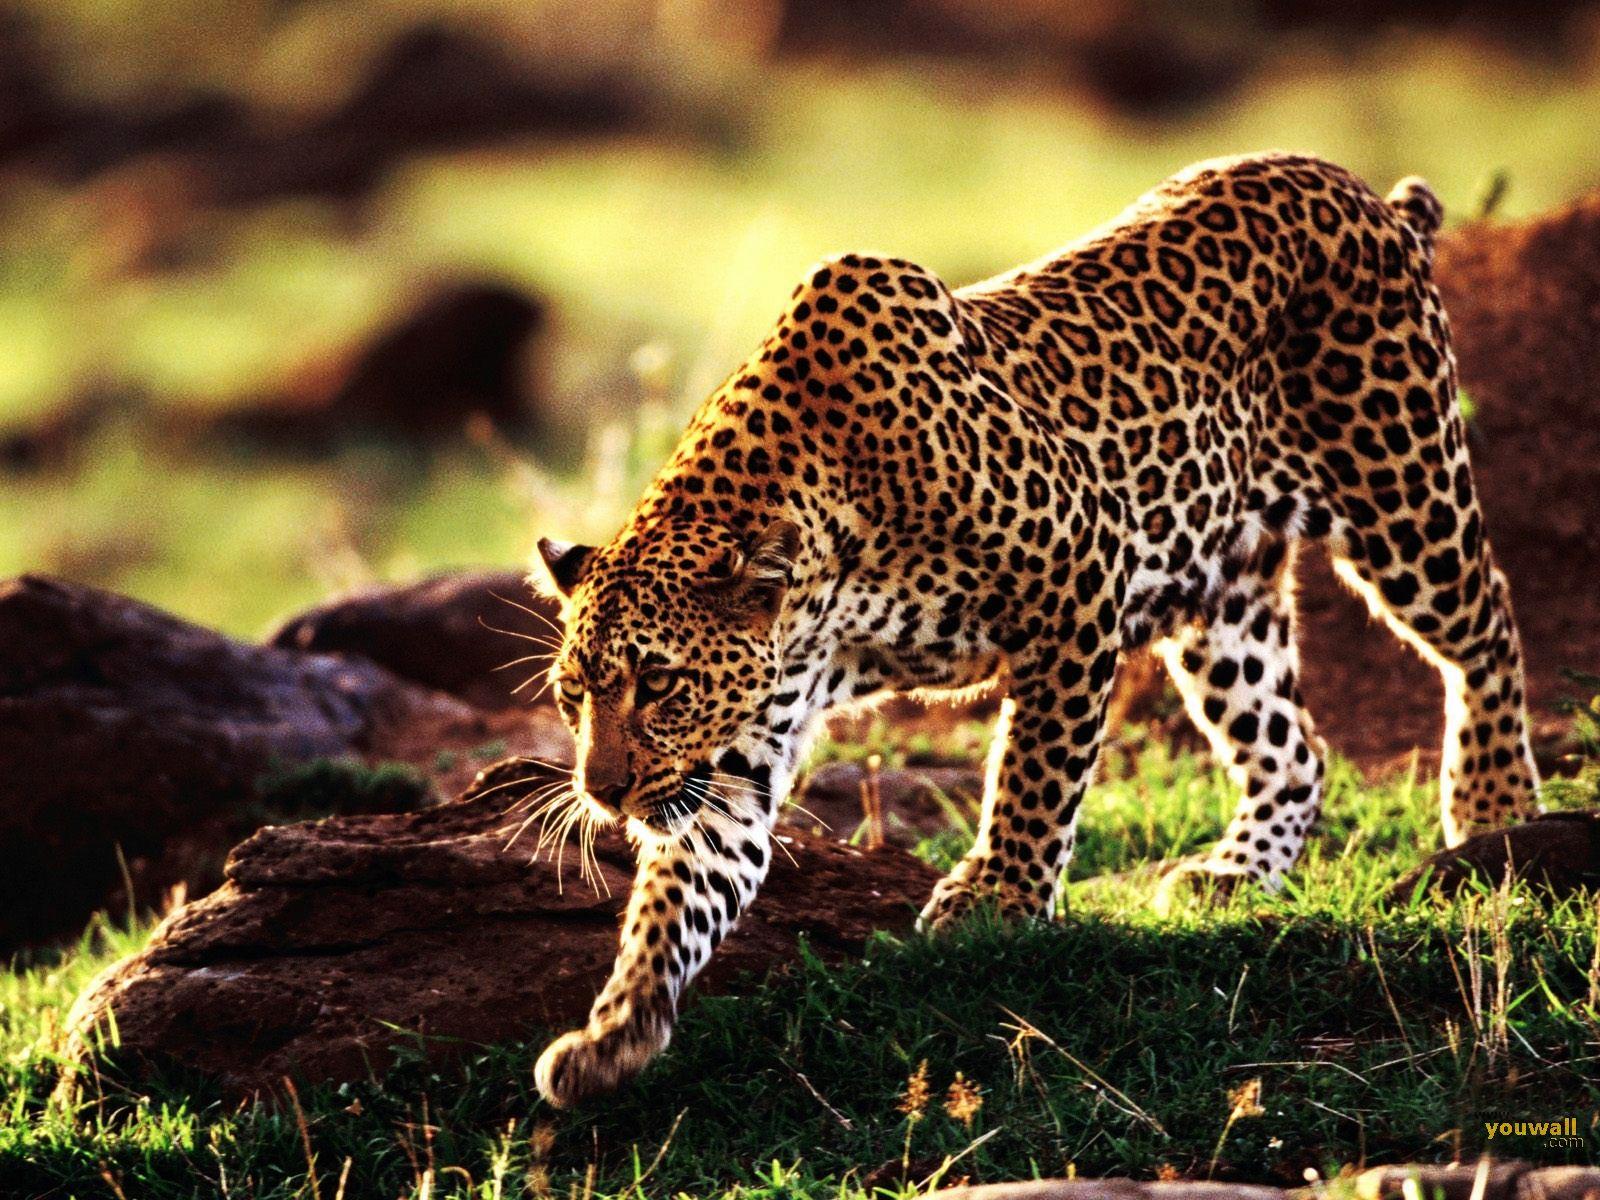 Cheetah928683307 - Cheetah - Parrot, Cheetah